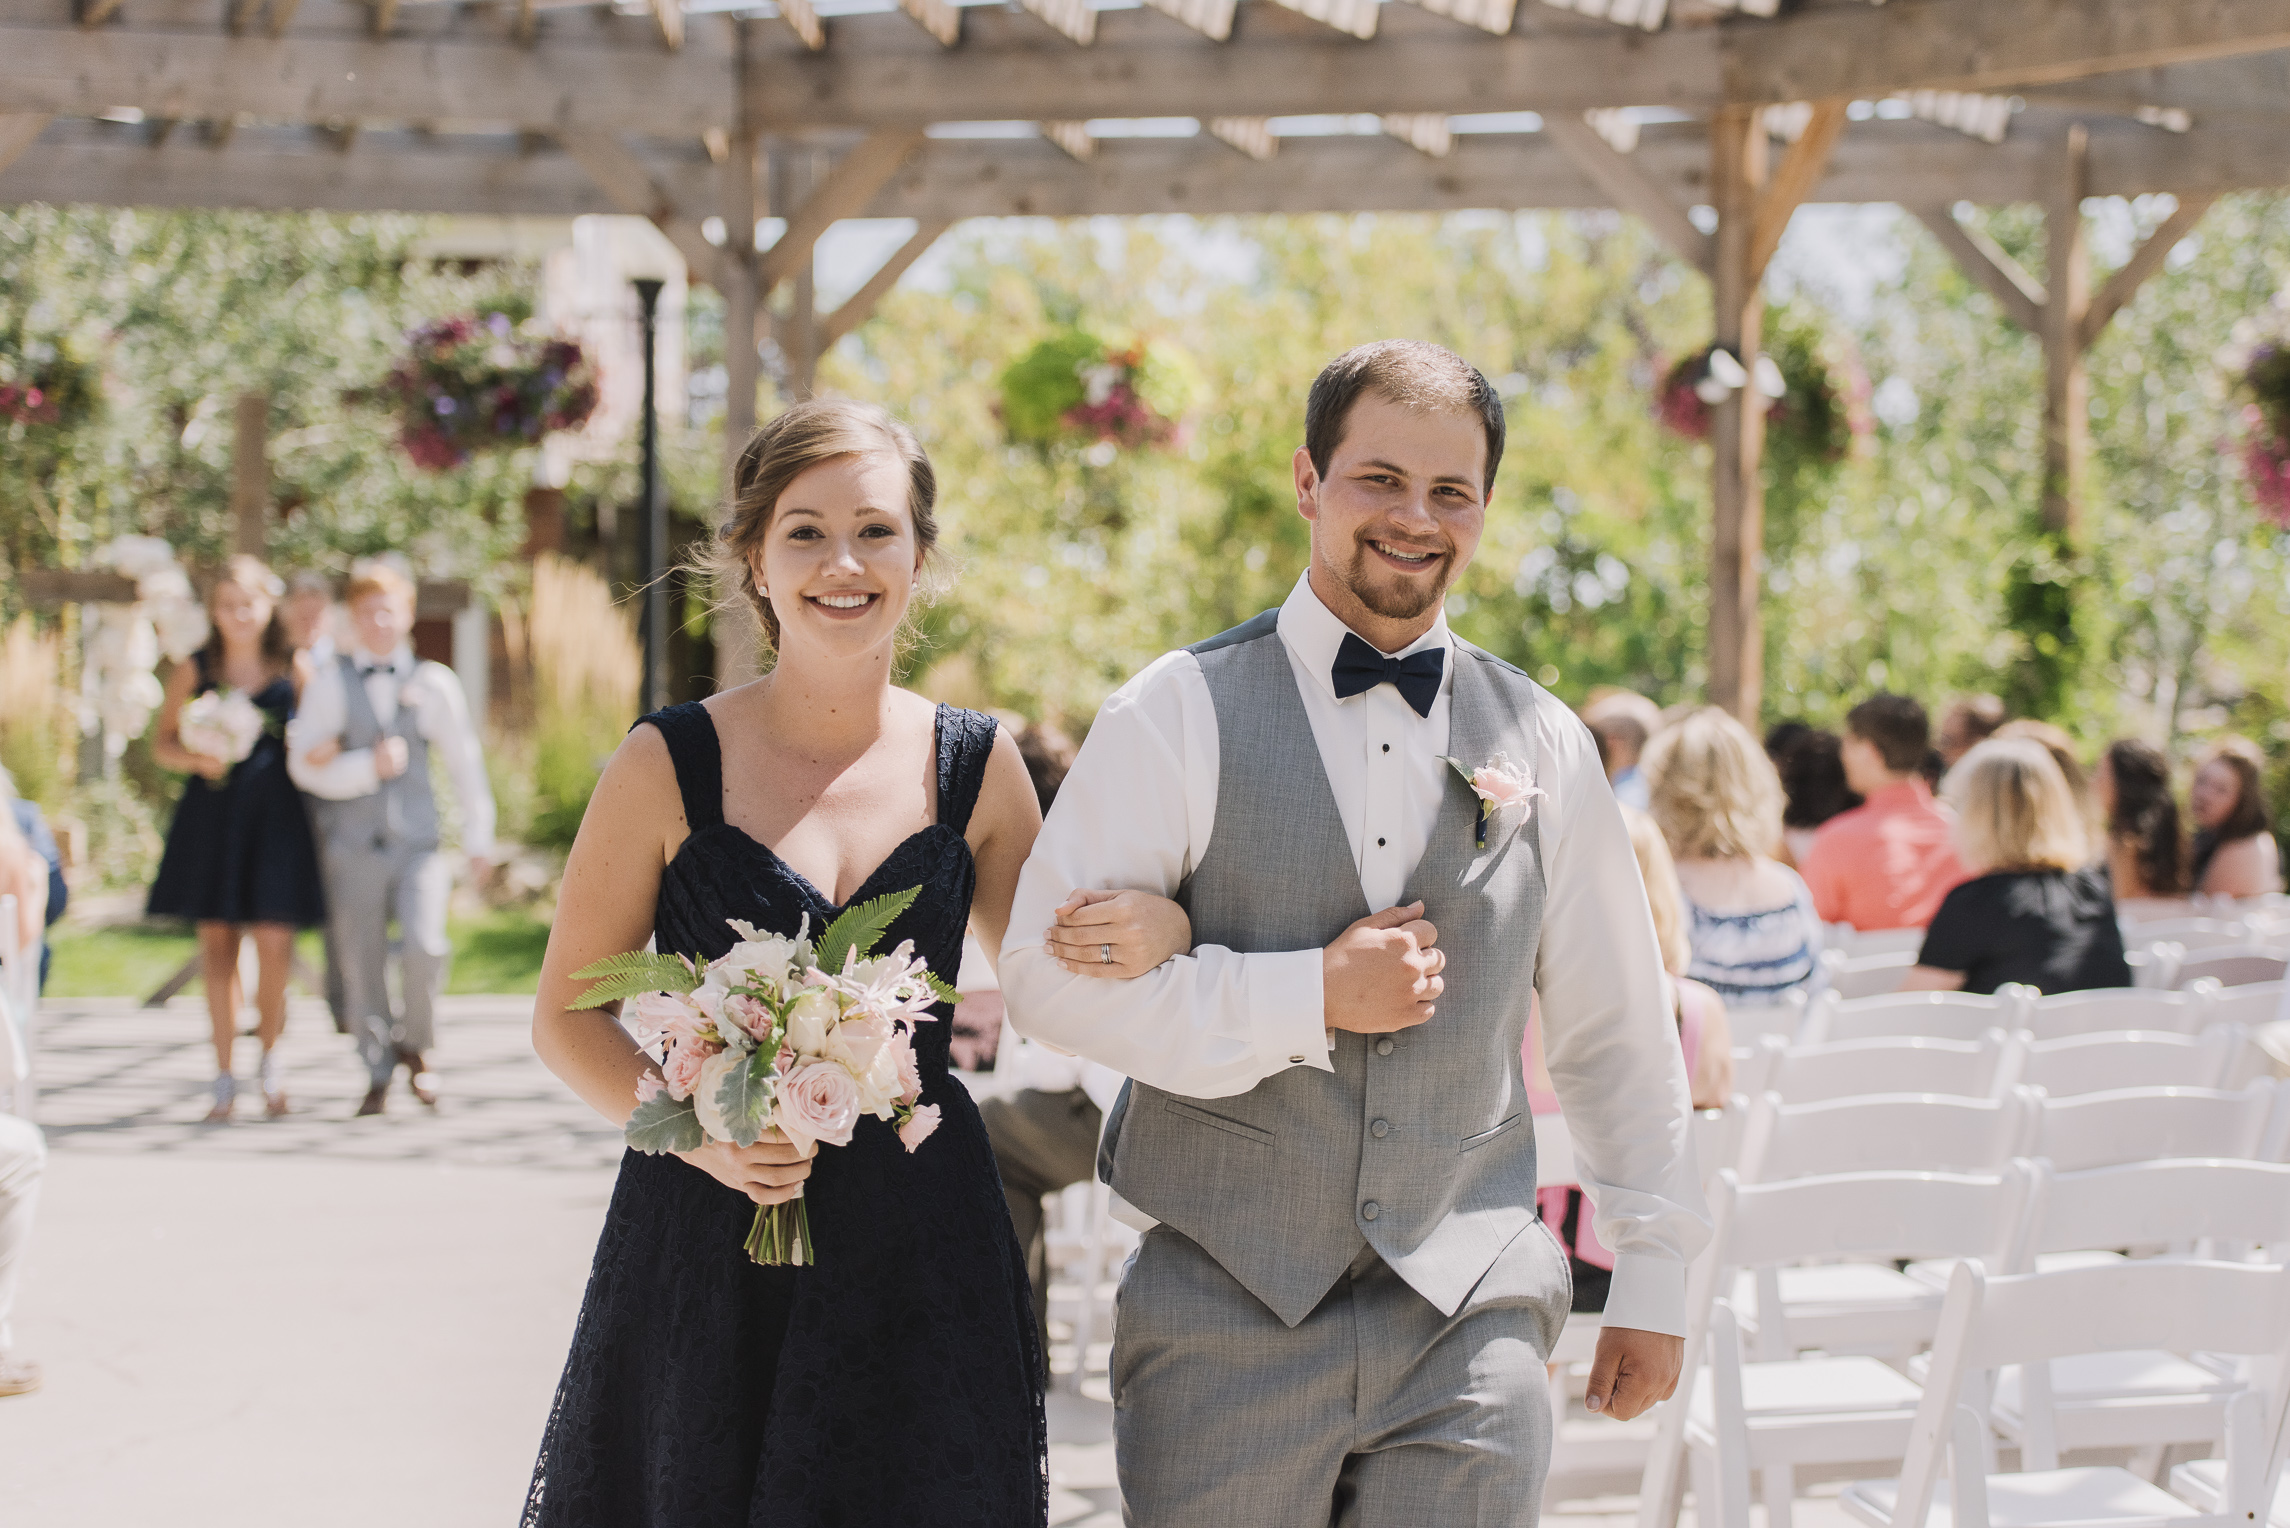 web sized images -- no to print --CALVIN & MCKYLEY WEDDING PHOTOS - COLORADO PHOTOGRAPHER - DEBI RAE PHOTOGRAPHY-1115.jpg